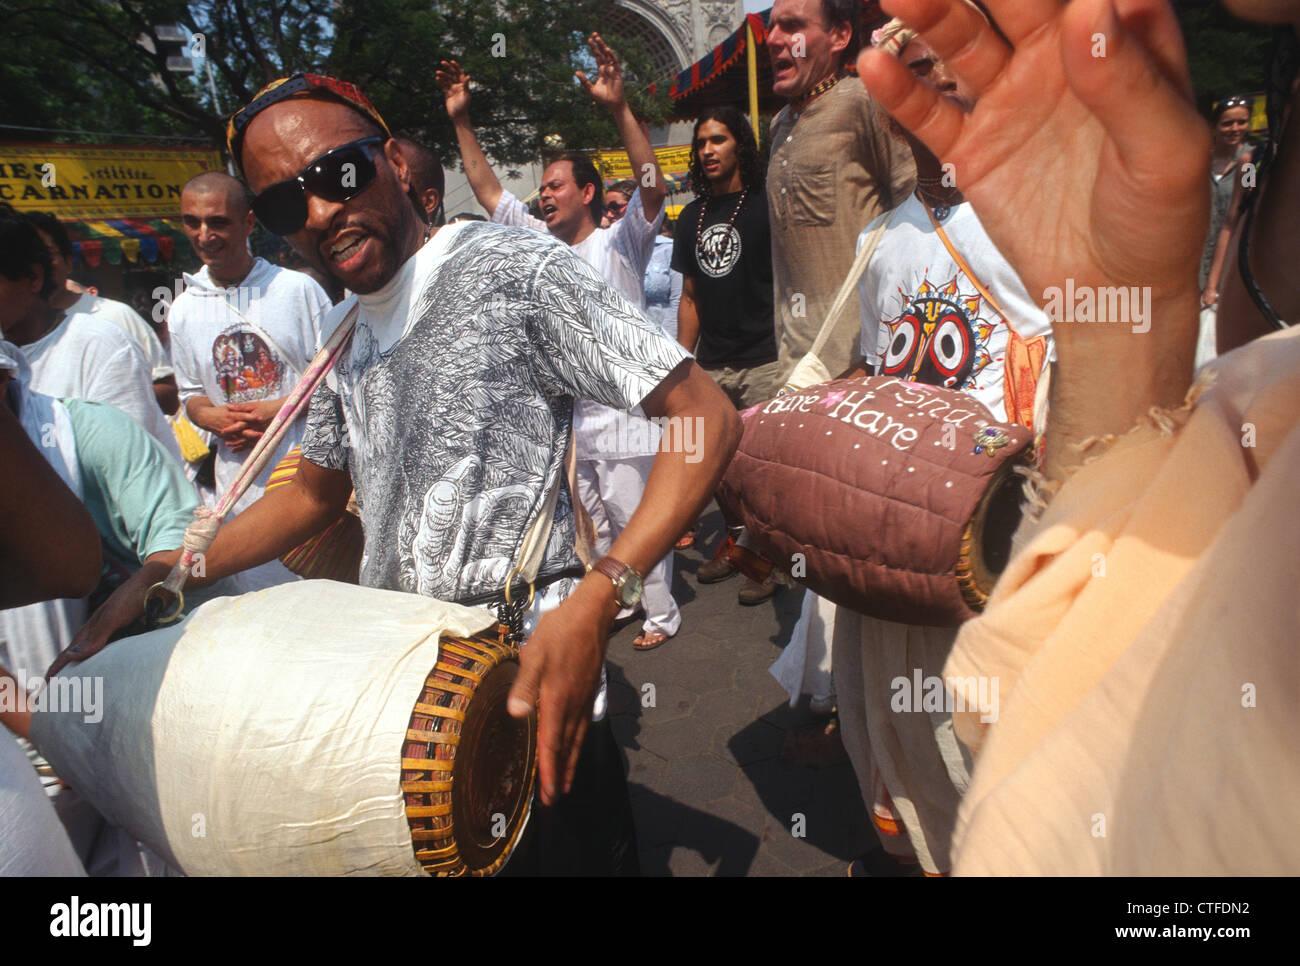 New York, NY - Hare Krishna Feast of the Charriots in Washington Square Park - Stock Image